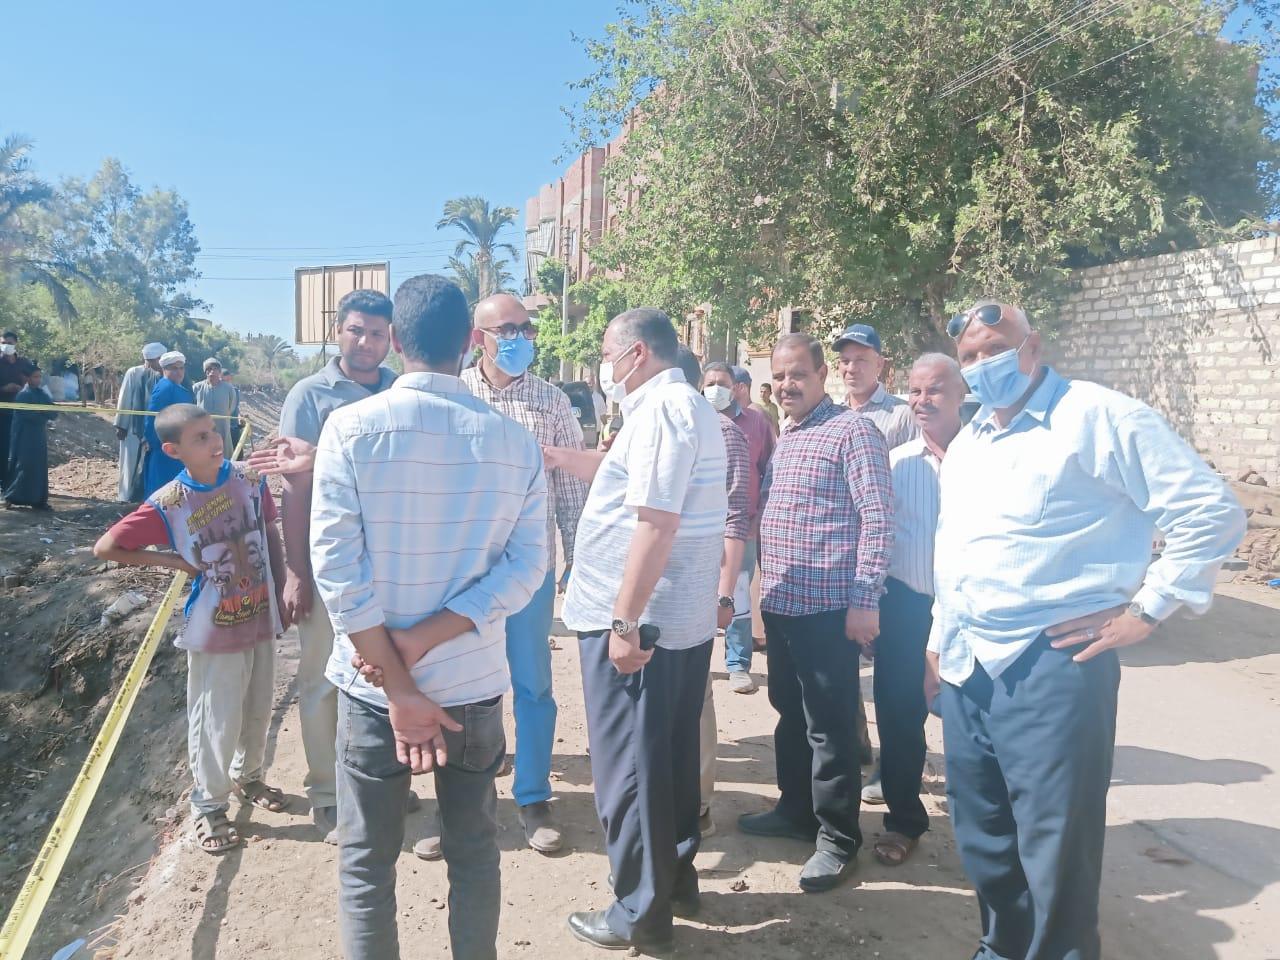 استمرار متابعة تنفيذ مشروعات تطوير الريف المصري والسكرتير المساعد يتفقد مشروعات قرى ديروط (5)